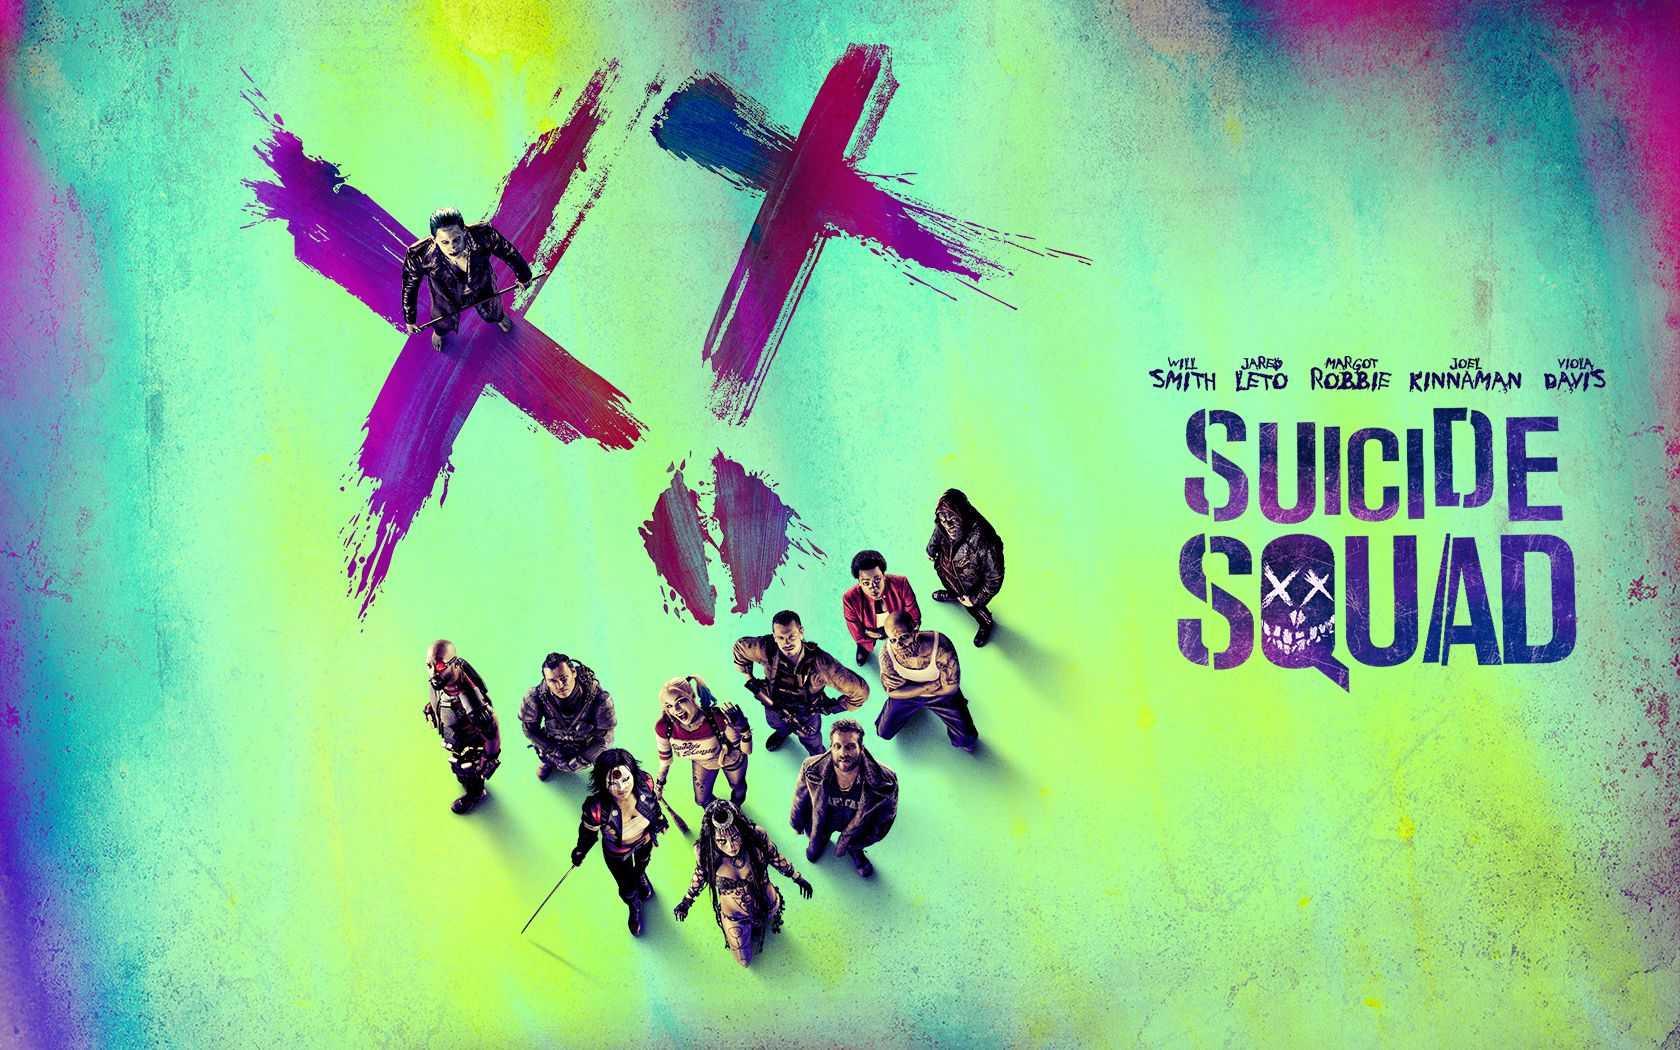 Loudinni Reviews: Suicide Squad | Suicide Squad